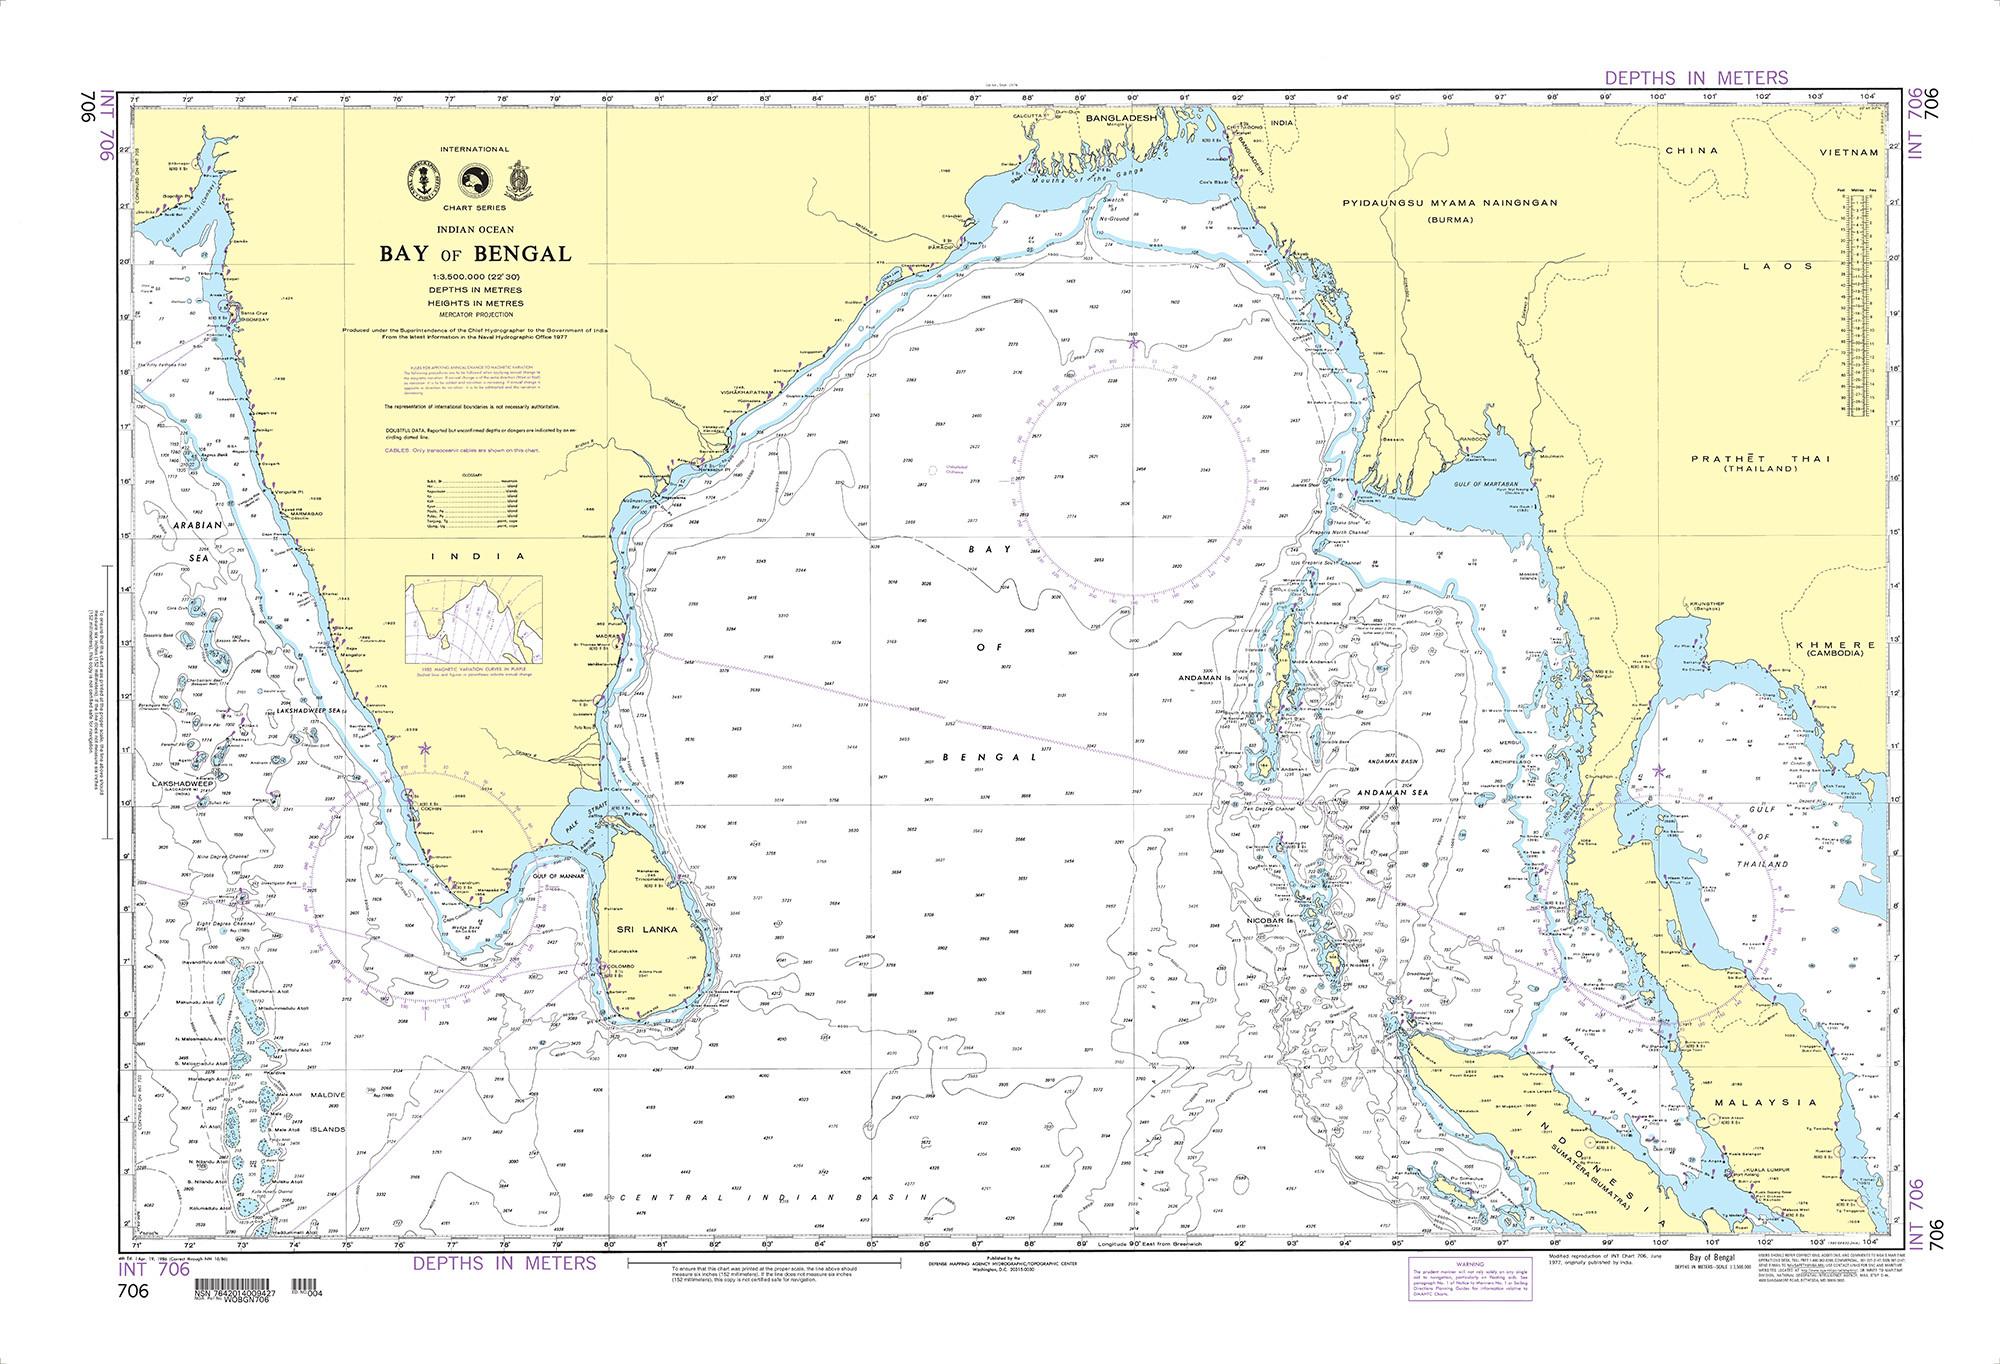 NGA Nautical Chart - 706 Bay of Bengal (OMEGA)